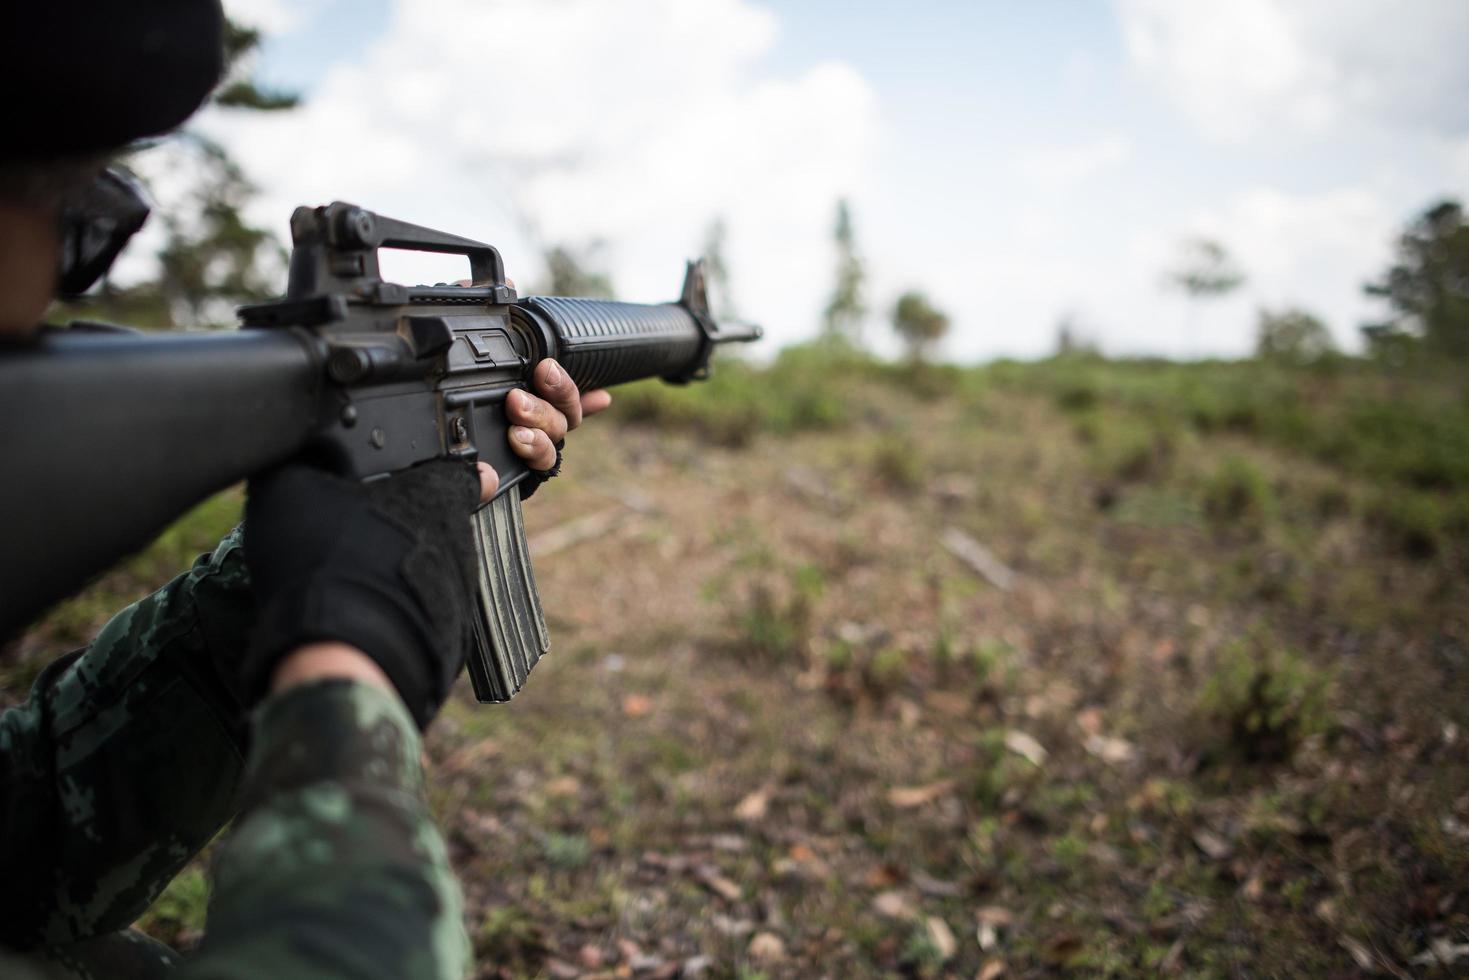 echte gecamoufleerde soldaat die hun wapen richt foto